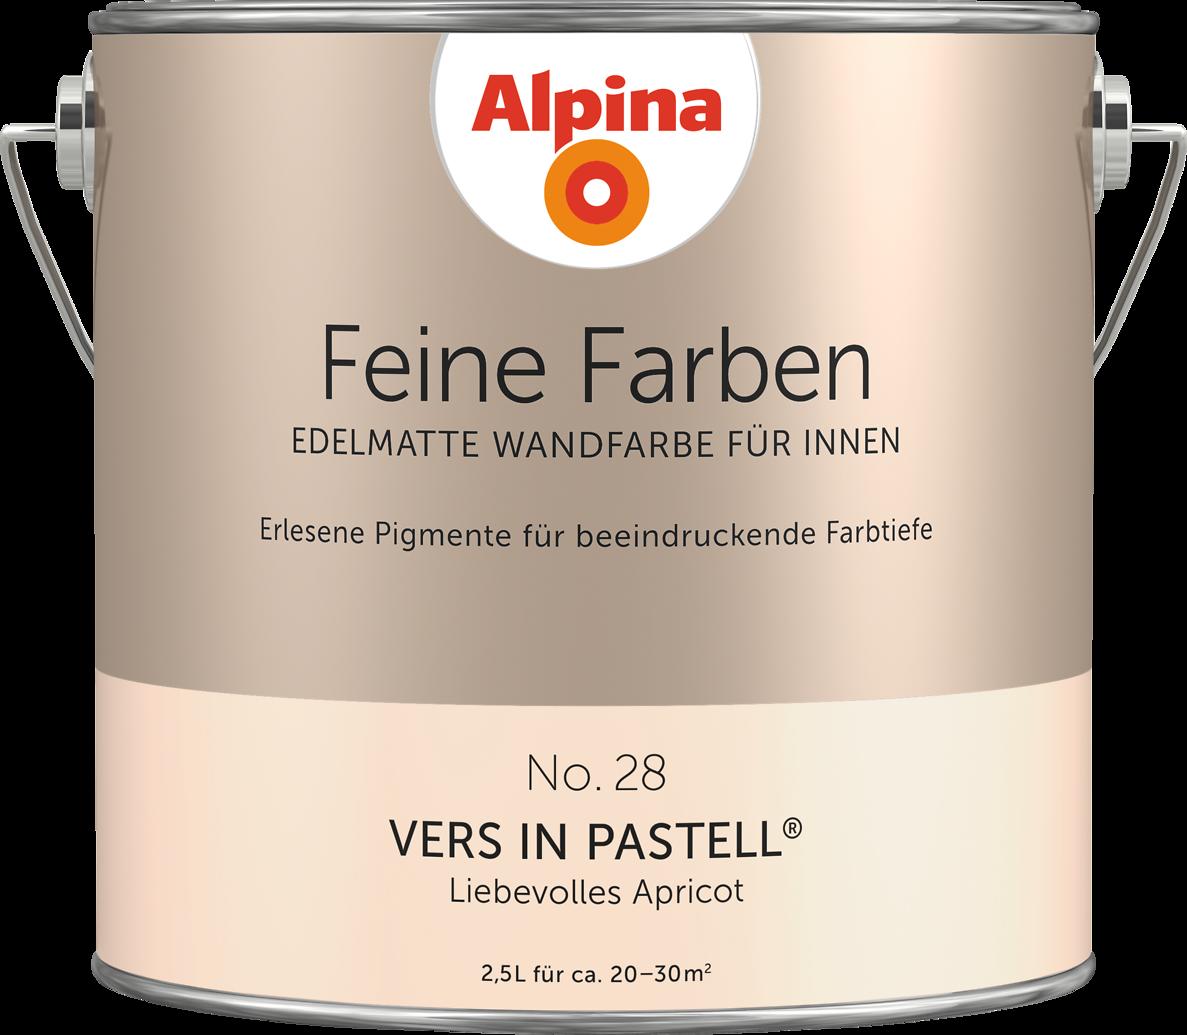 Beautiful Alpina Feine Farben No. 28 U201eVERS IN PASTELLu201c   Liebevolles Apricot